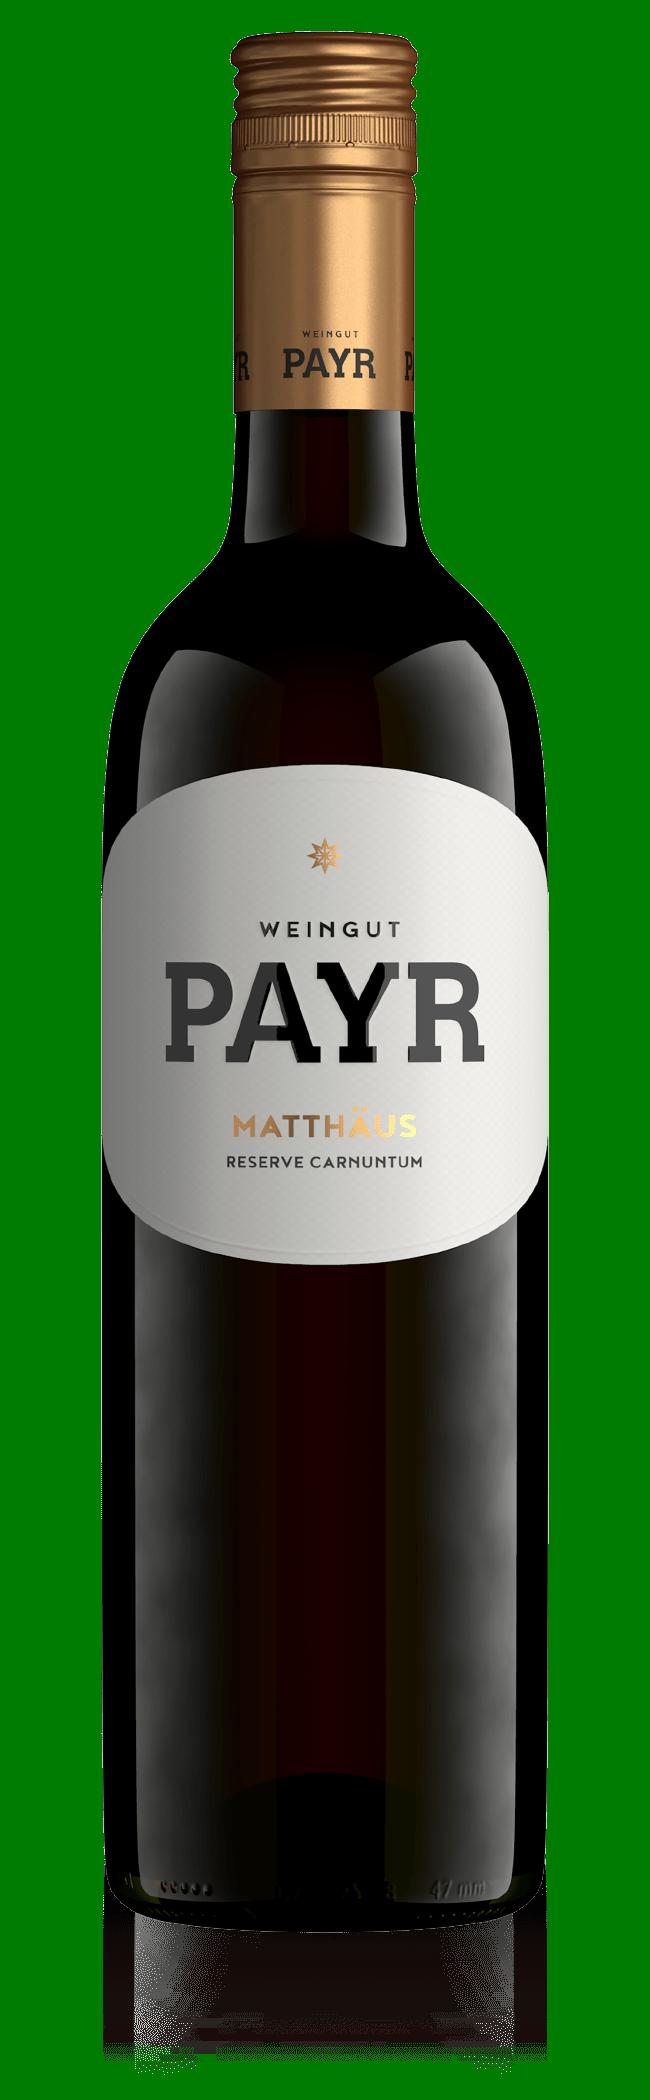 Weinflasche Matthäus